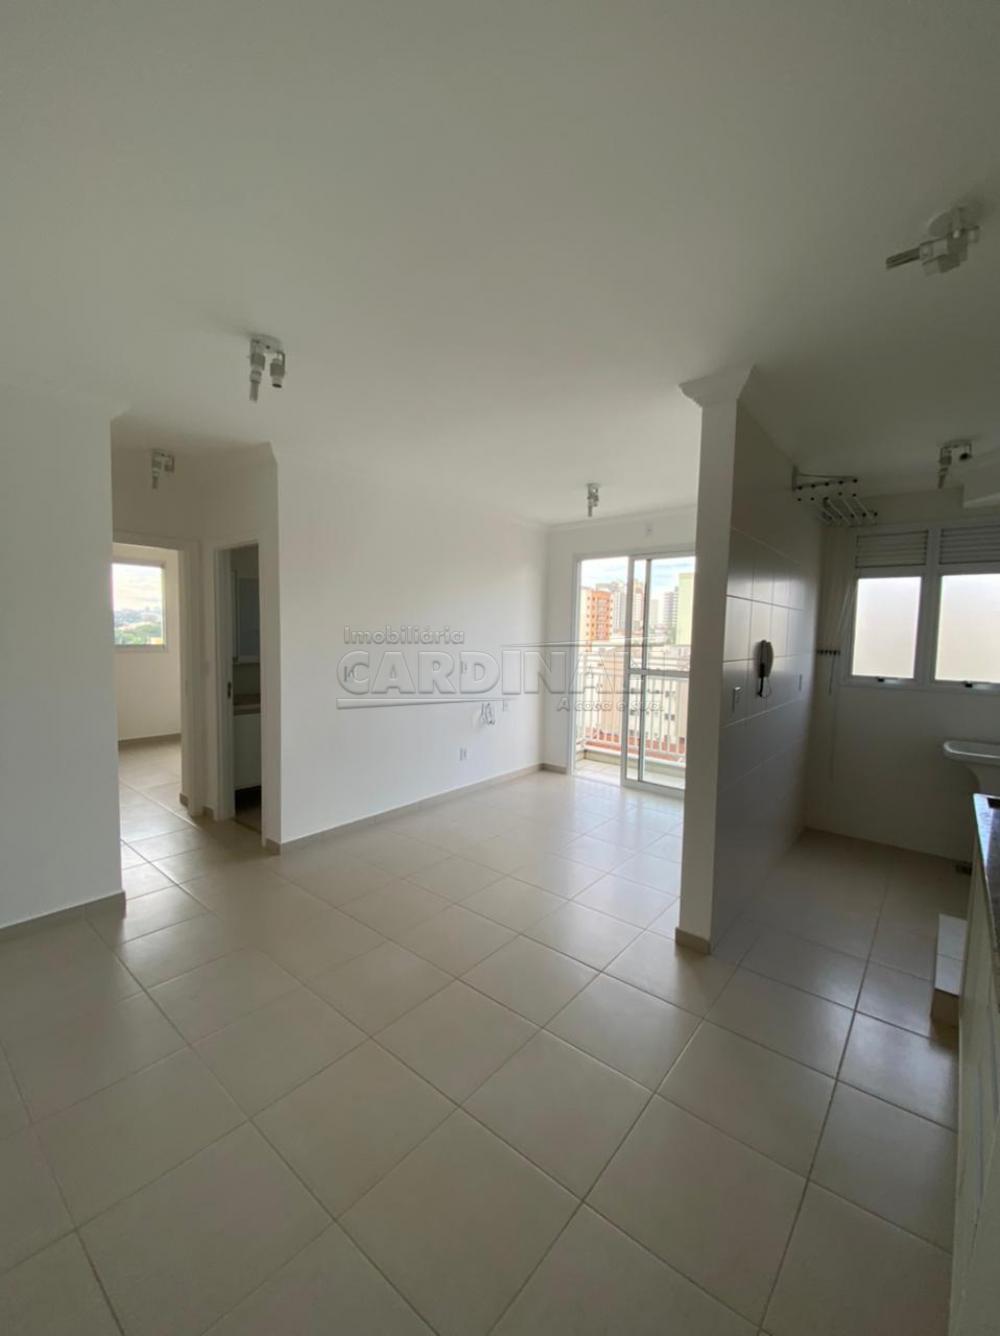 Alugar Apartamento / Padrão em São Carlos R$ 1.700,00 - Foto 1